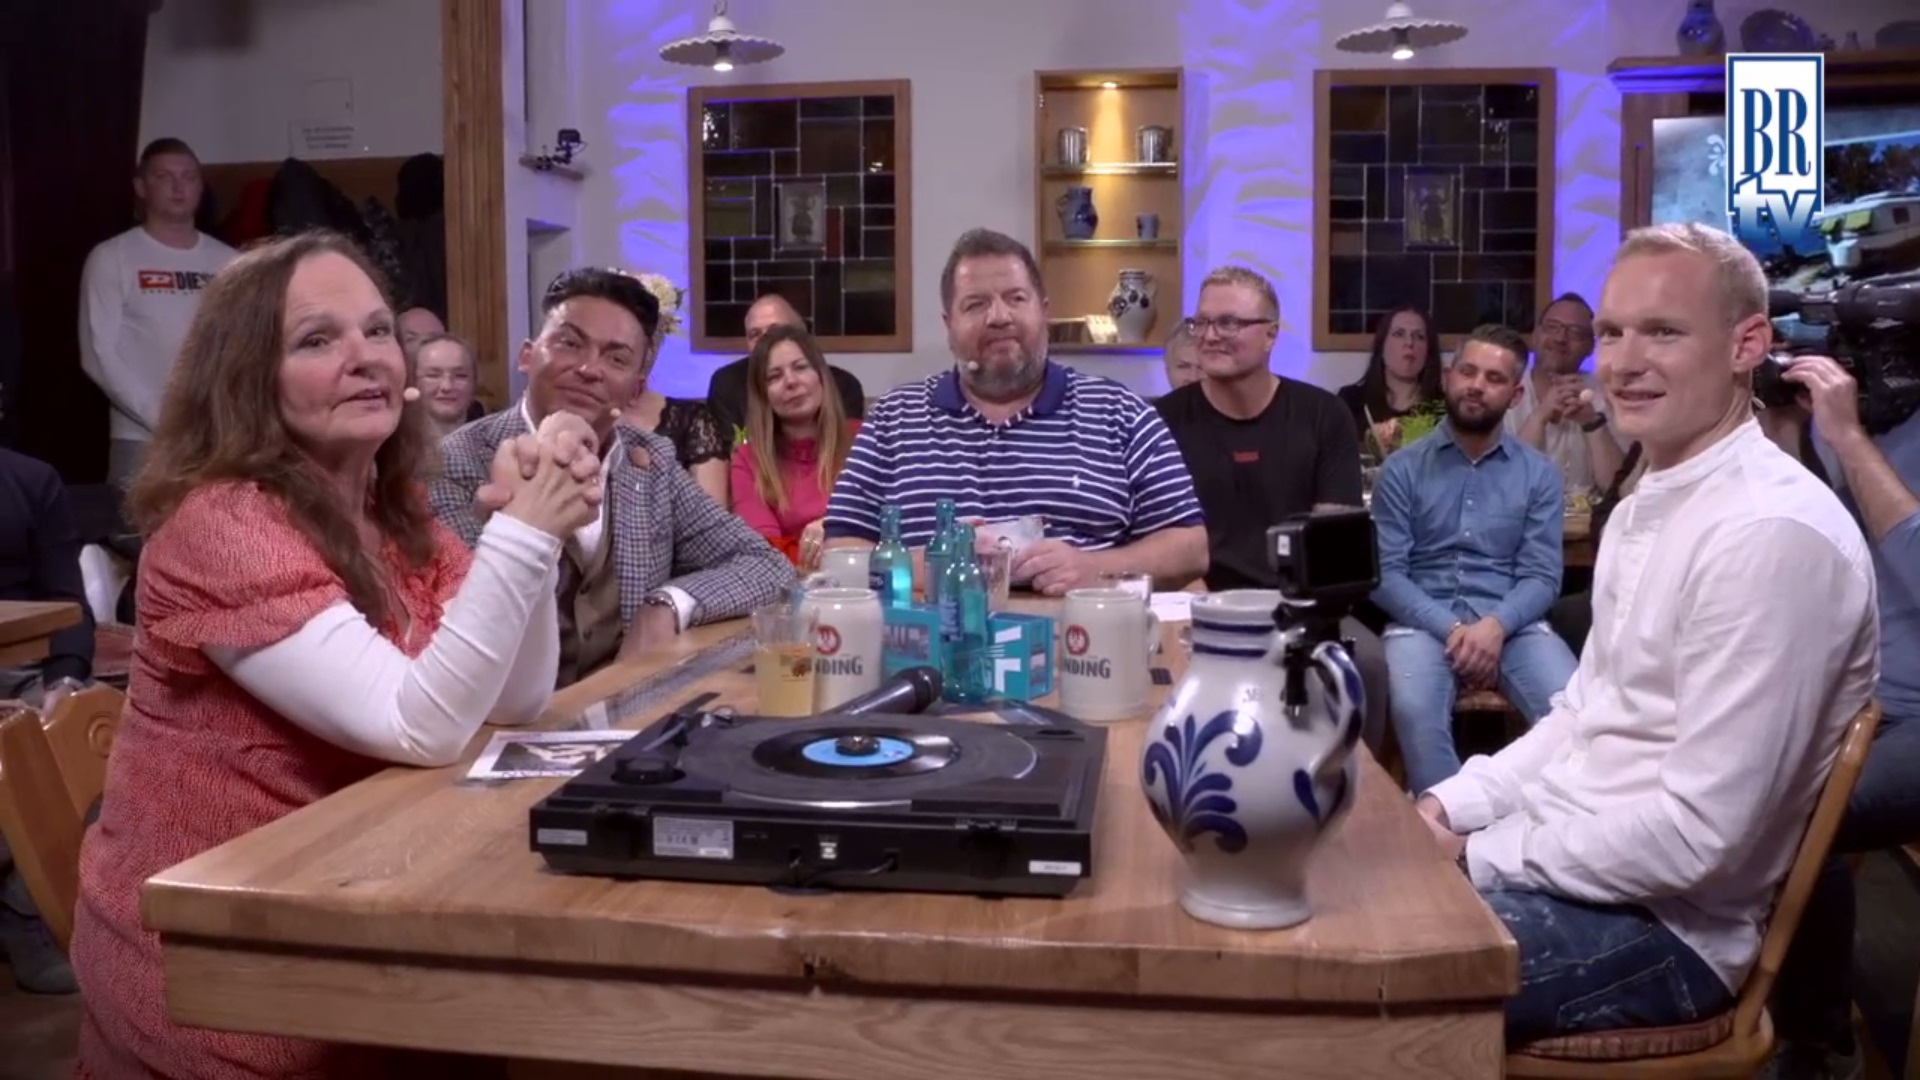 Bembel & Gebabbel – Folge 49 mit Sebastian Rode, Silvia Stenger & Matthias Fellab